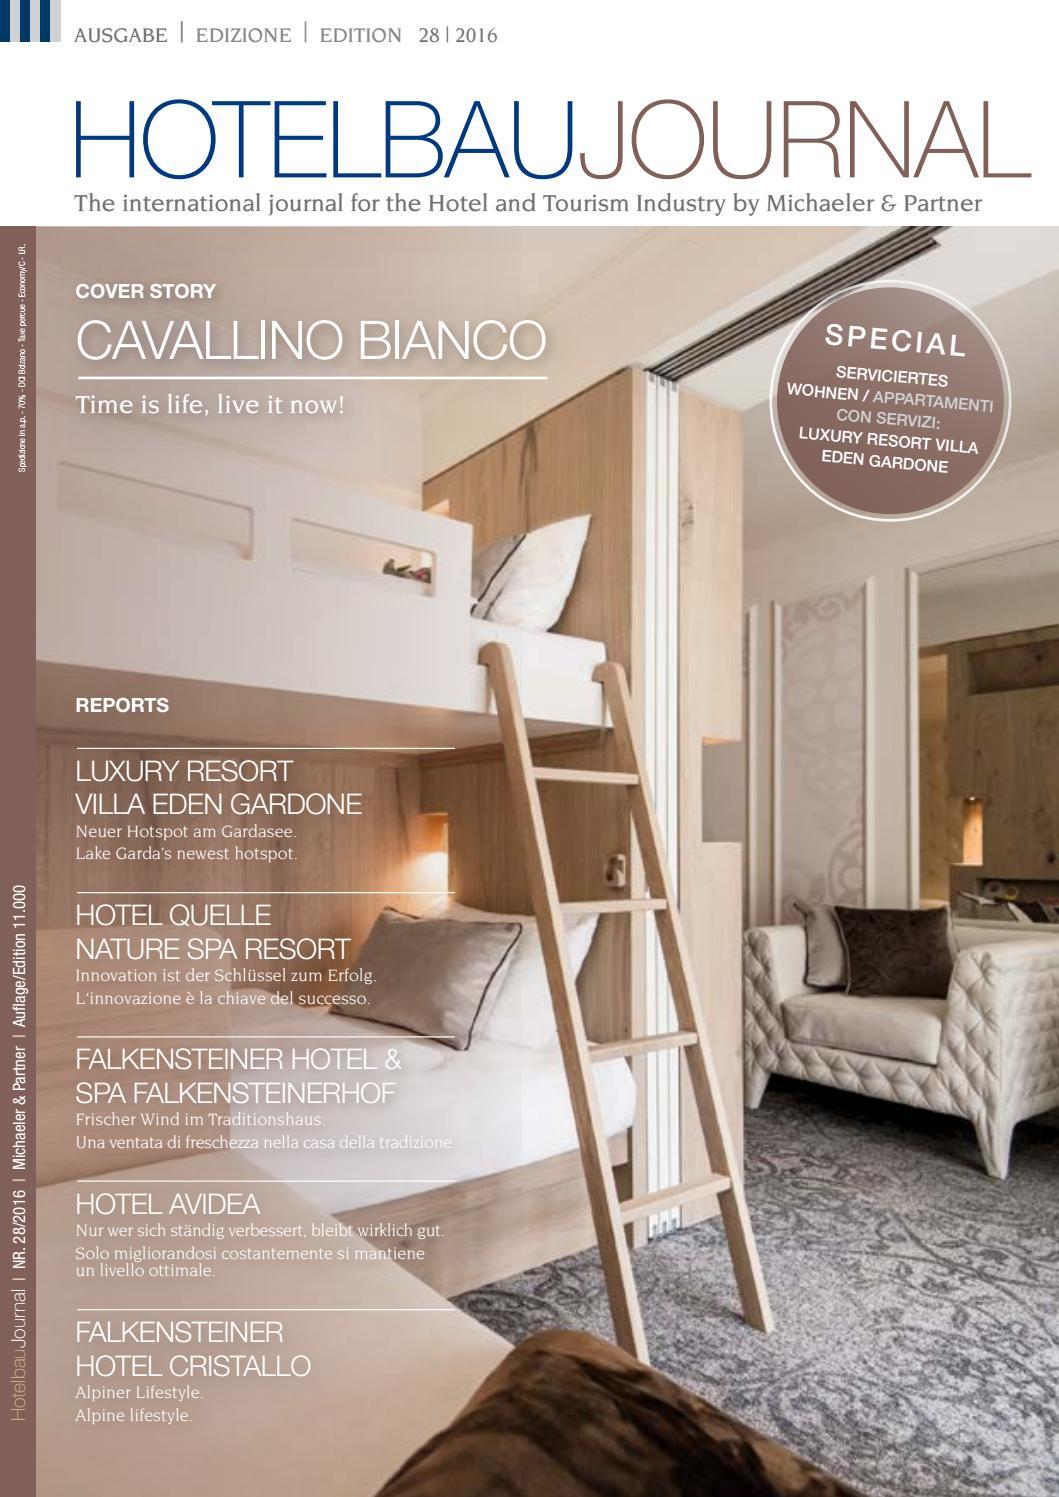 M&P Hotelbaujournal Nr. 28 (September 2016) by Michaeler ...